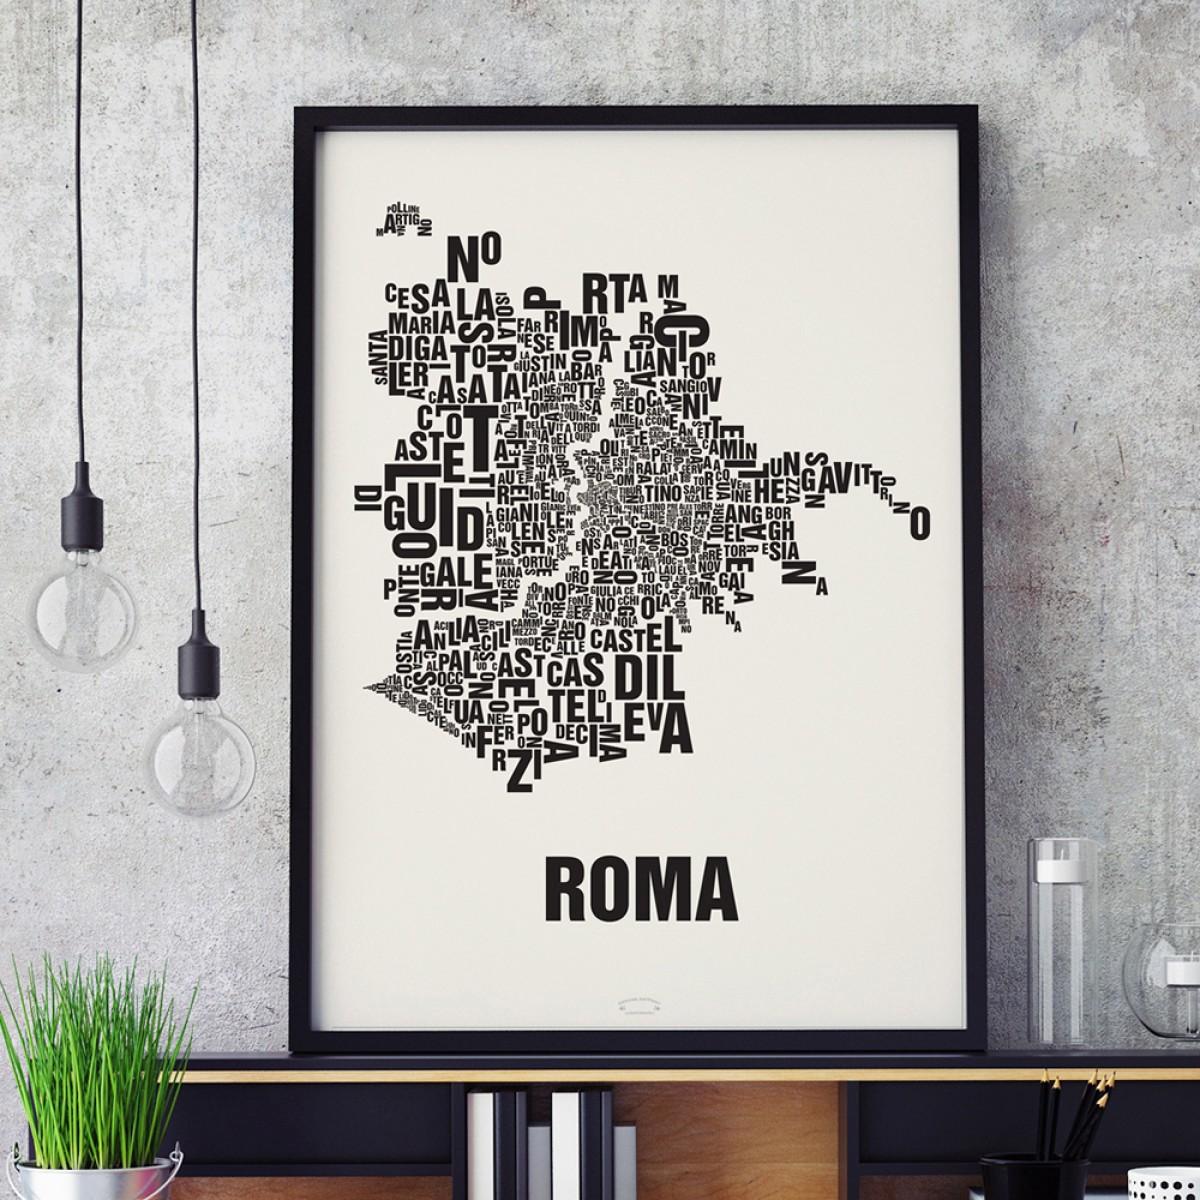 Buchstabenort Rom Stadtteile-Poster Typografie Siebdruck